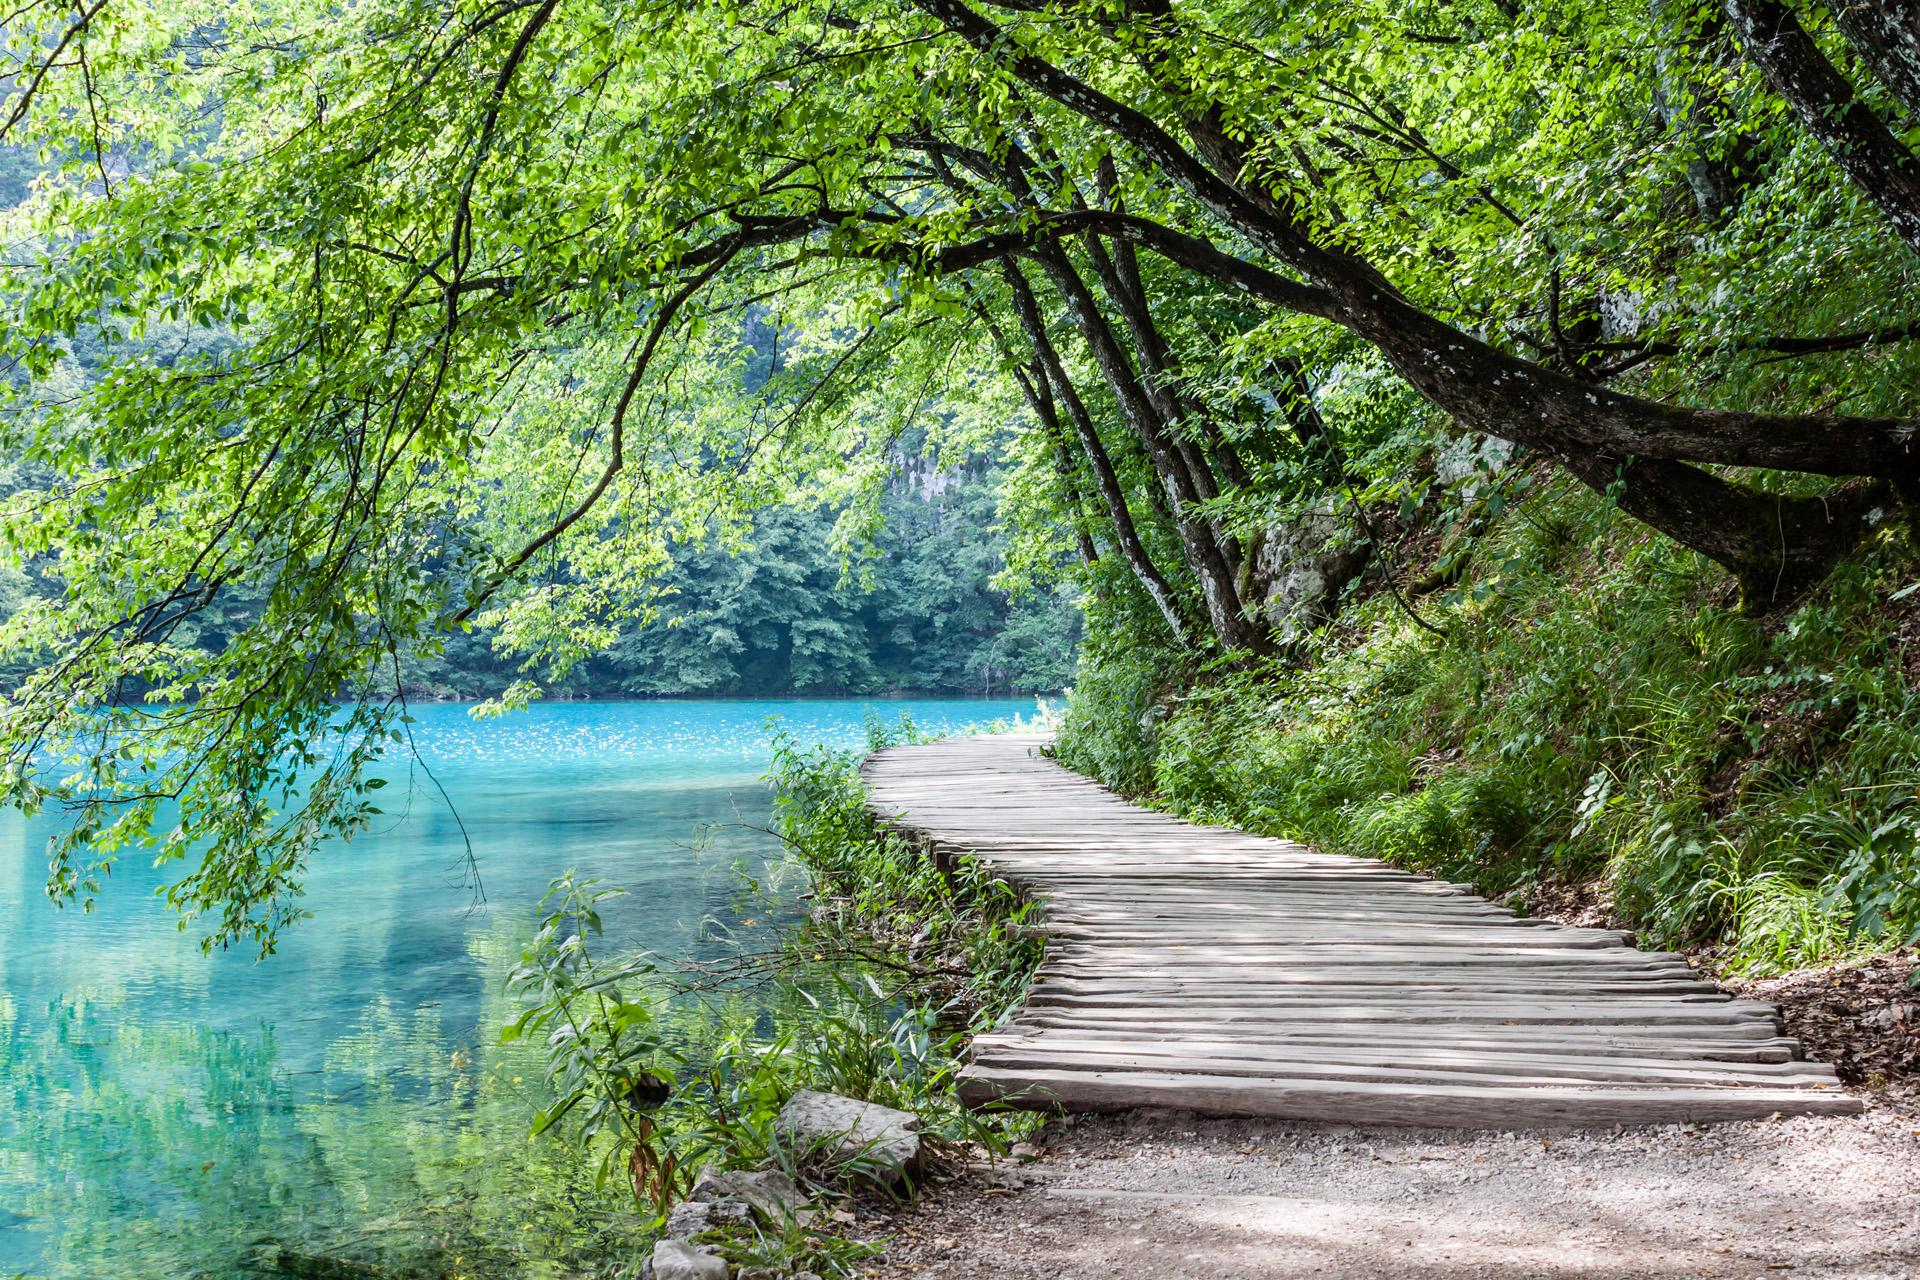 La zona que se puede visitar se encuentra en el centro del parque, son 8 km² de valle poblado de bosques, donde la hidrografía ha conformado un paisaje formado por 16 lagos de diferente altitud (iStock)